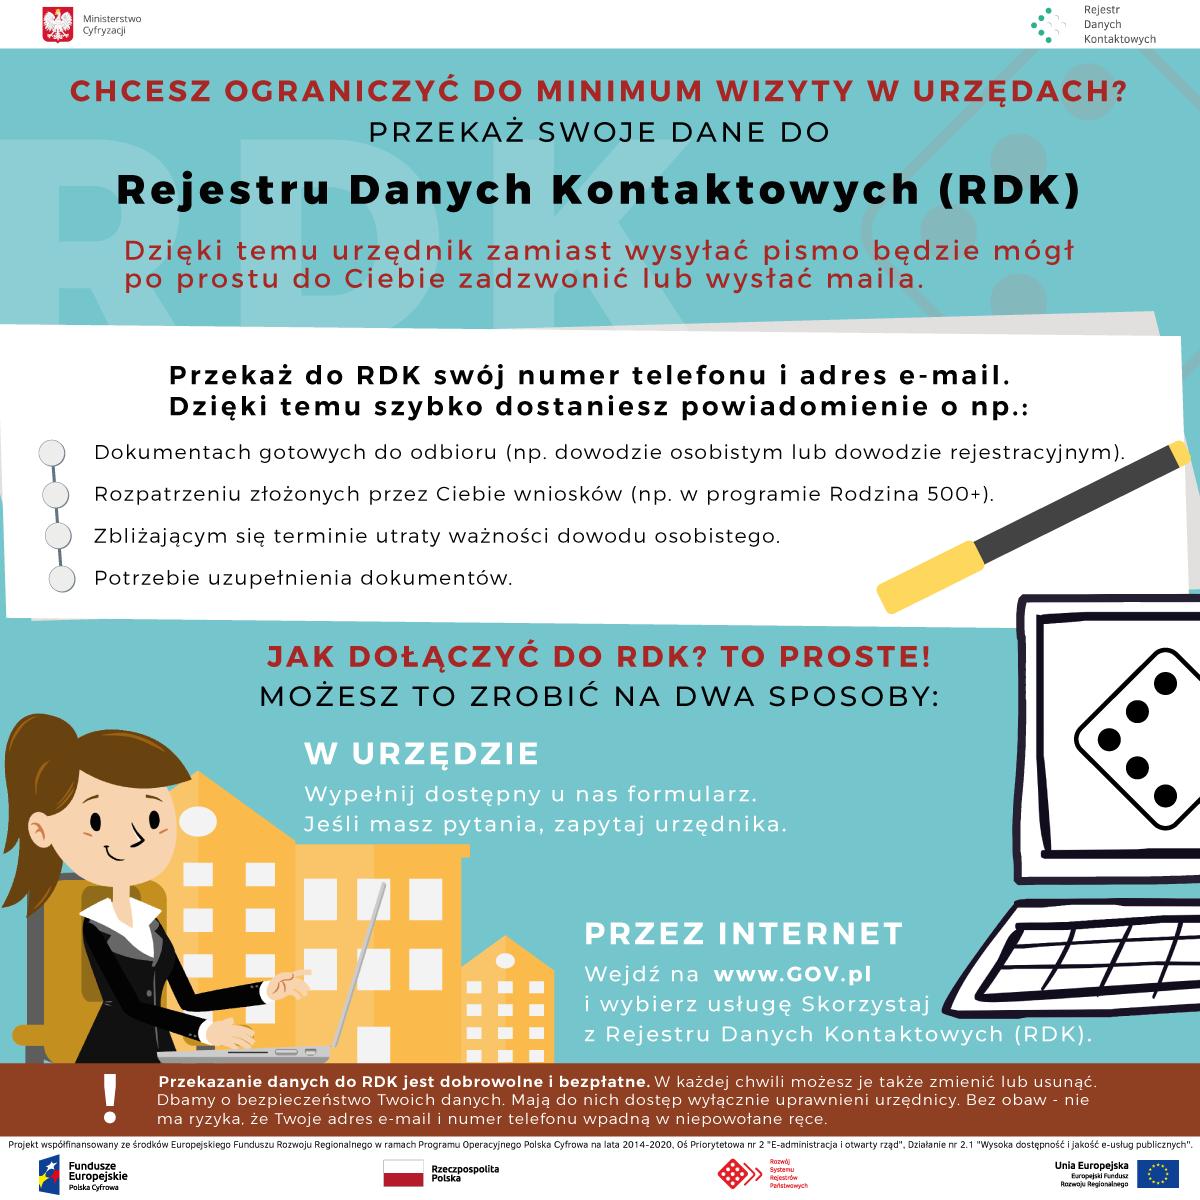 Plakat Ministerstwa Cyfryzacji promujący Rejestr Danych Kontaktowych